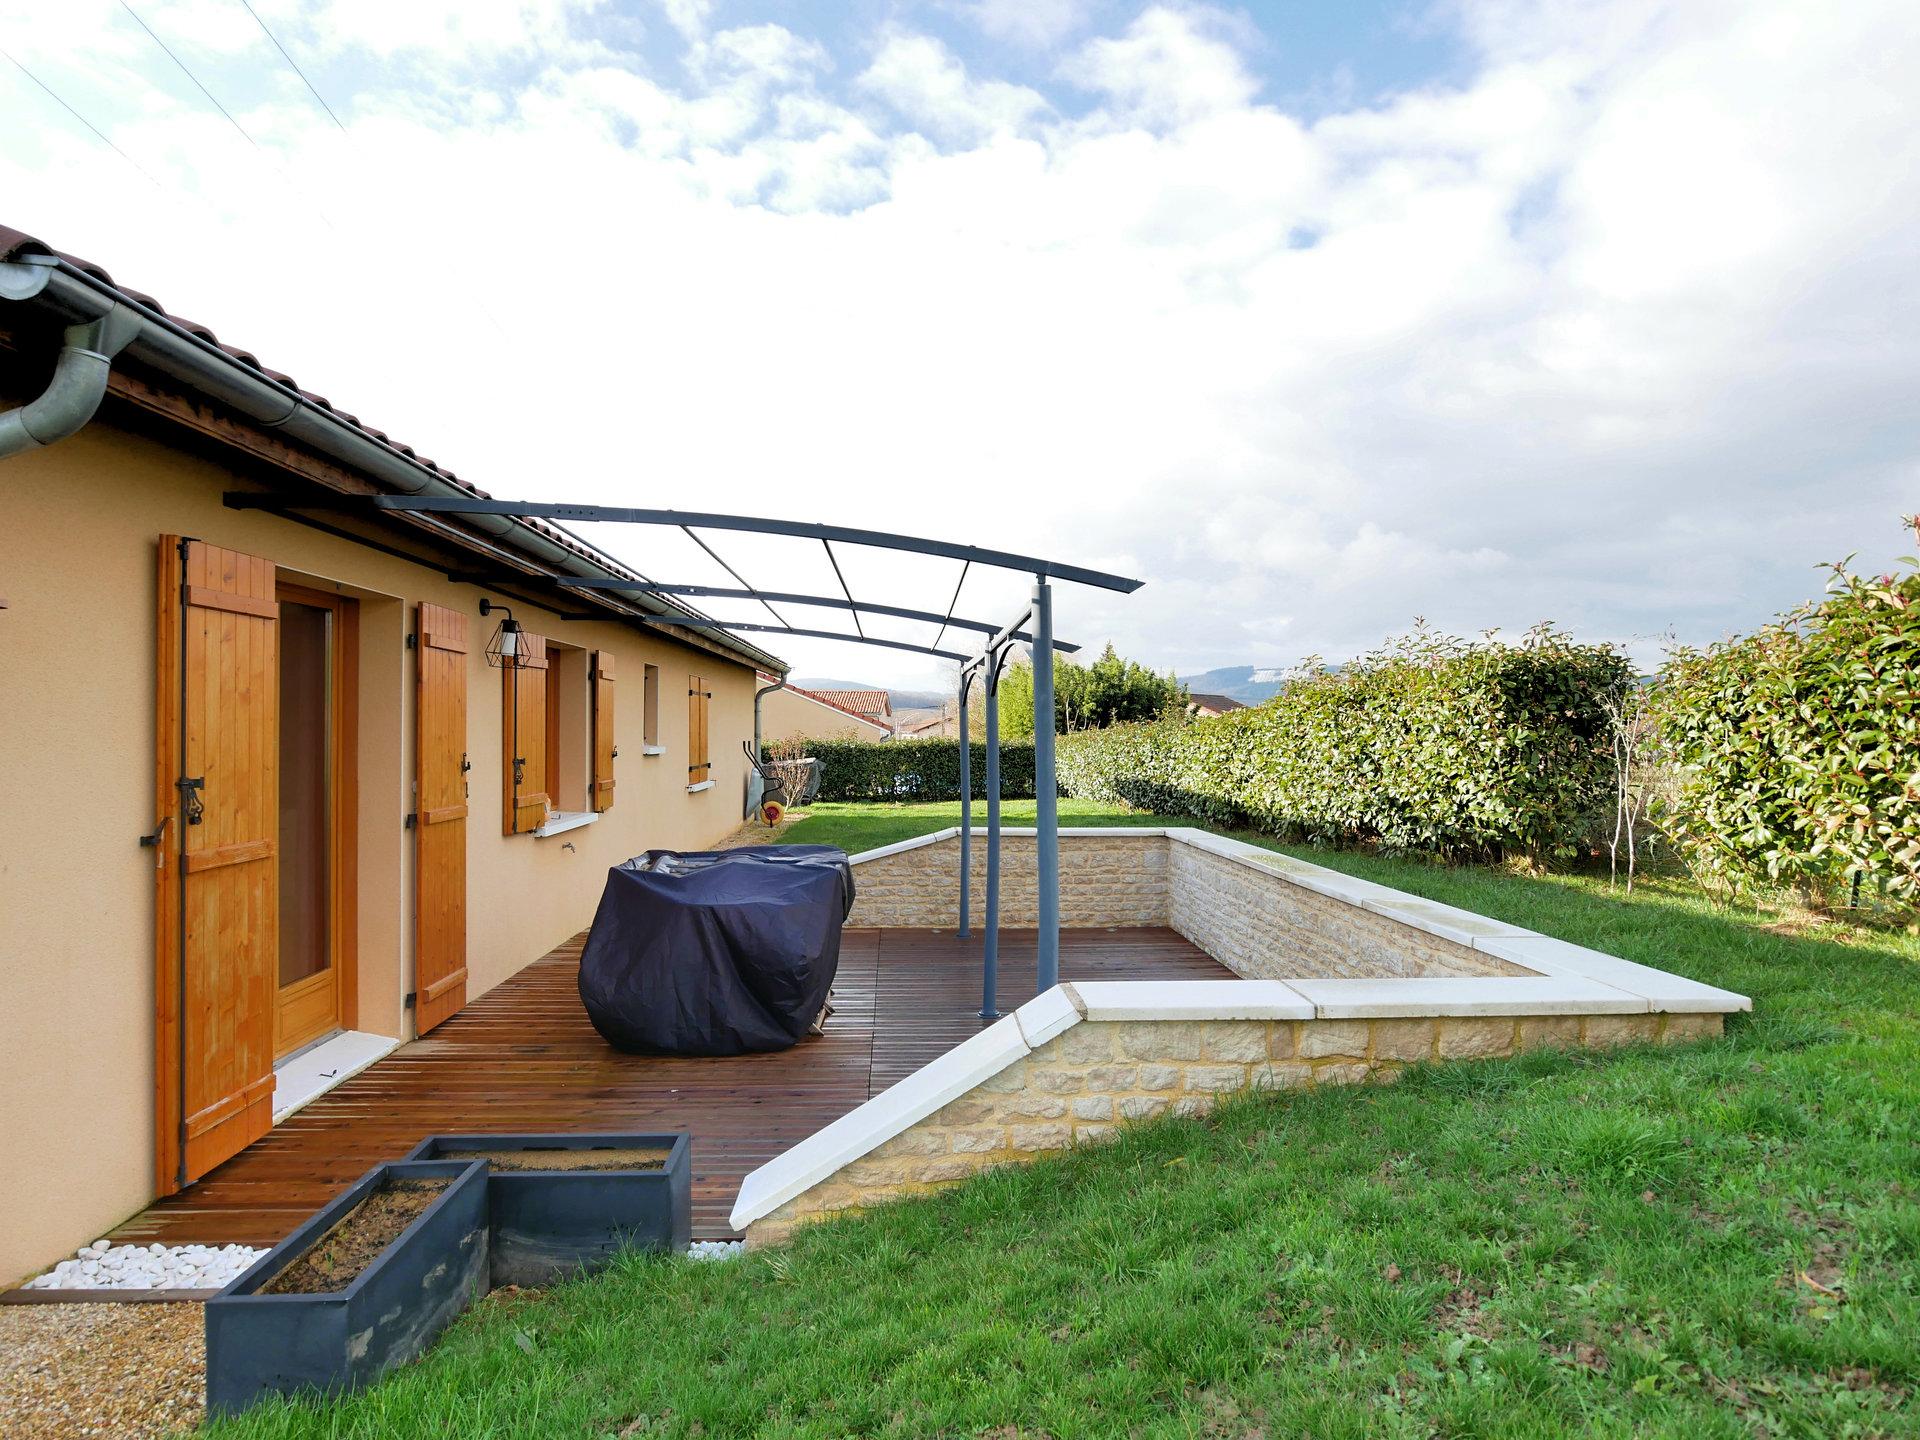 Dans un environnement calme et verdoyant, découvrez cette maison familiale construite en 2009, située à 20 minutes de MACON. D'une surface d'environ 100 m², elle comprend une pièce de vie avec espace salon, séjour et une cuisine ouverte et équipée, bénéficiant d'une cheminée et d'une climatisation réversible, et donnant sur une belle terrasse. Le dégagement central distribue quatre chambres avec placard, une salle de bains avec baignoire, un toilette indépendant et un garage attenant. Le jardin de 874m² bénéficie d'un espace stationnement. Vous apprécierez l'environnement et la fonctionnalité de cette maison récente. Honoraires à la charge du vendeur.